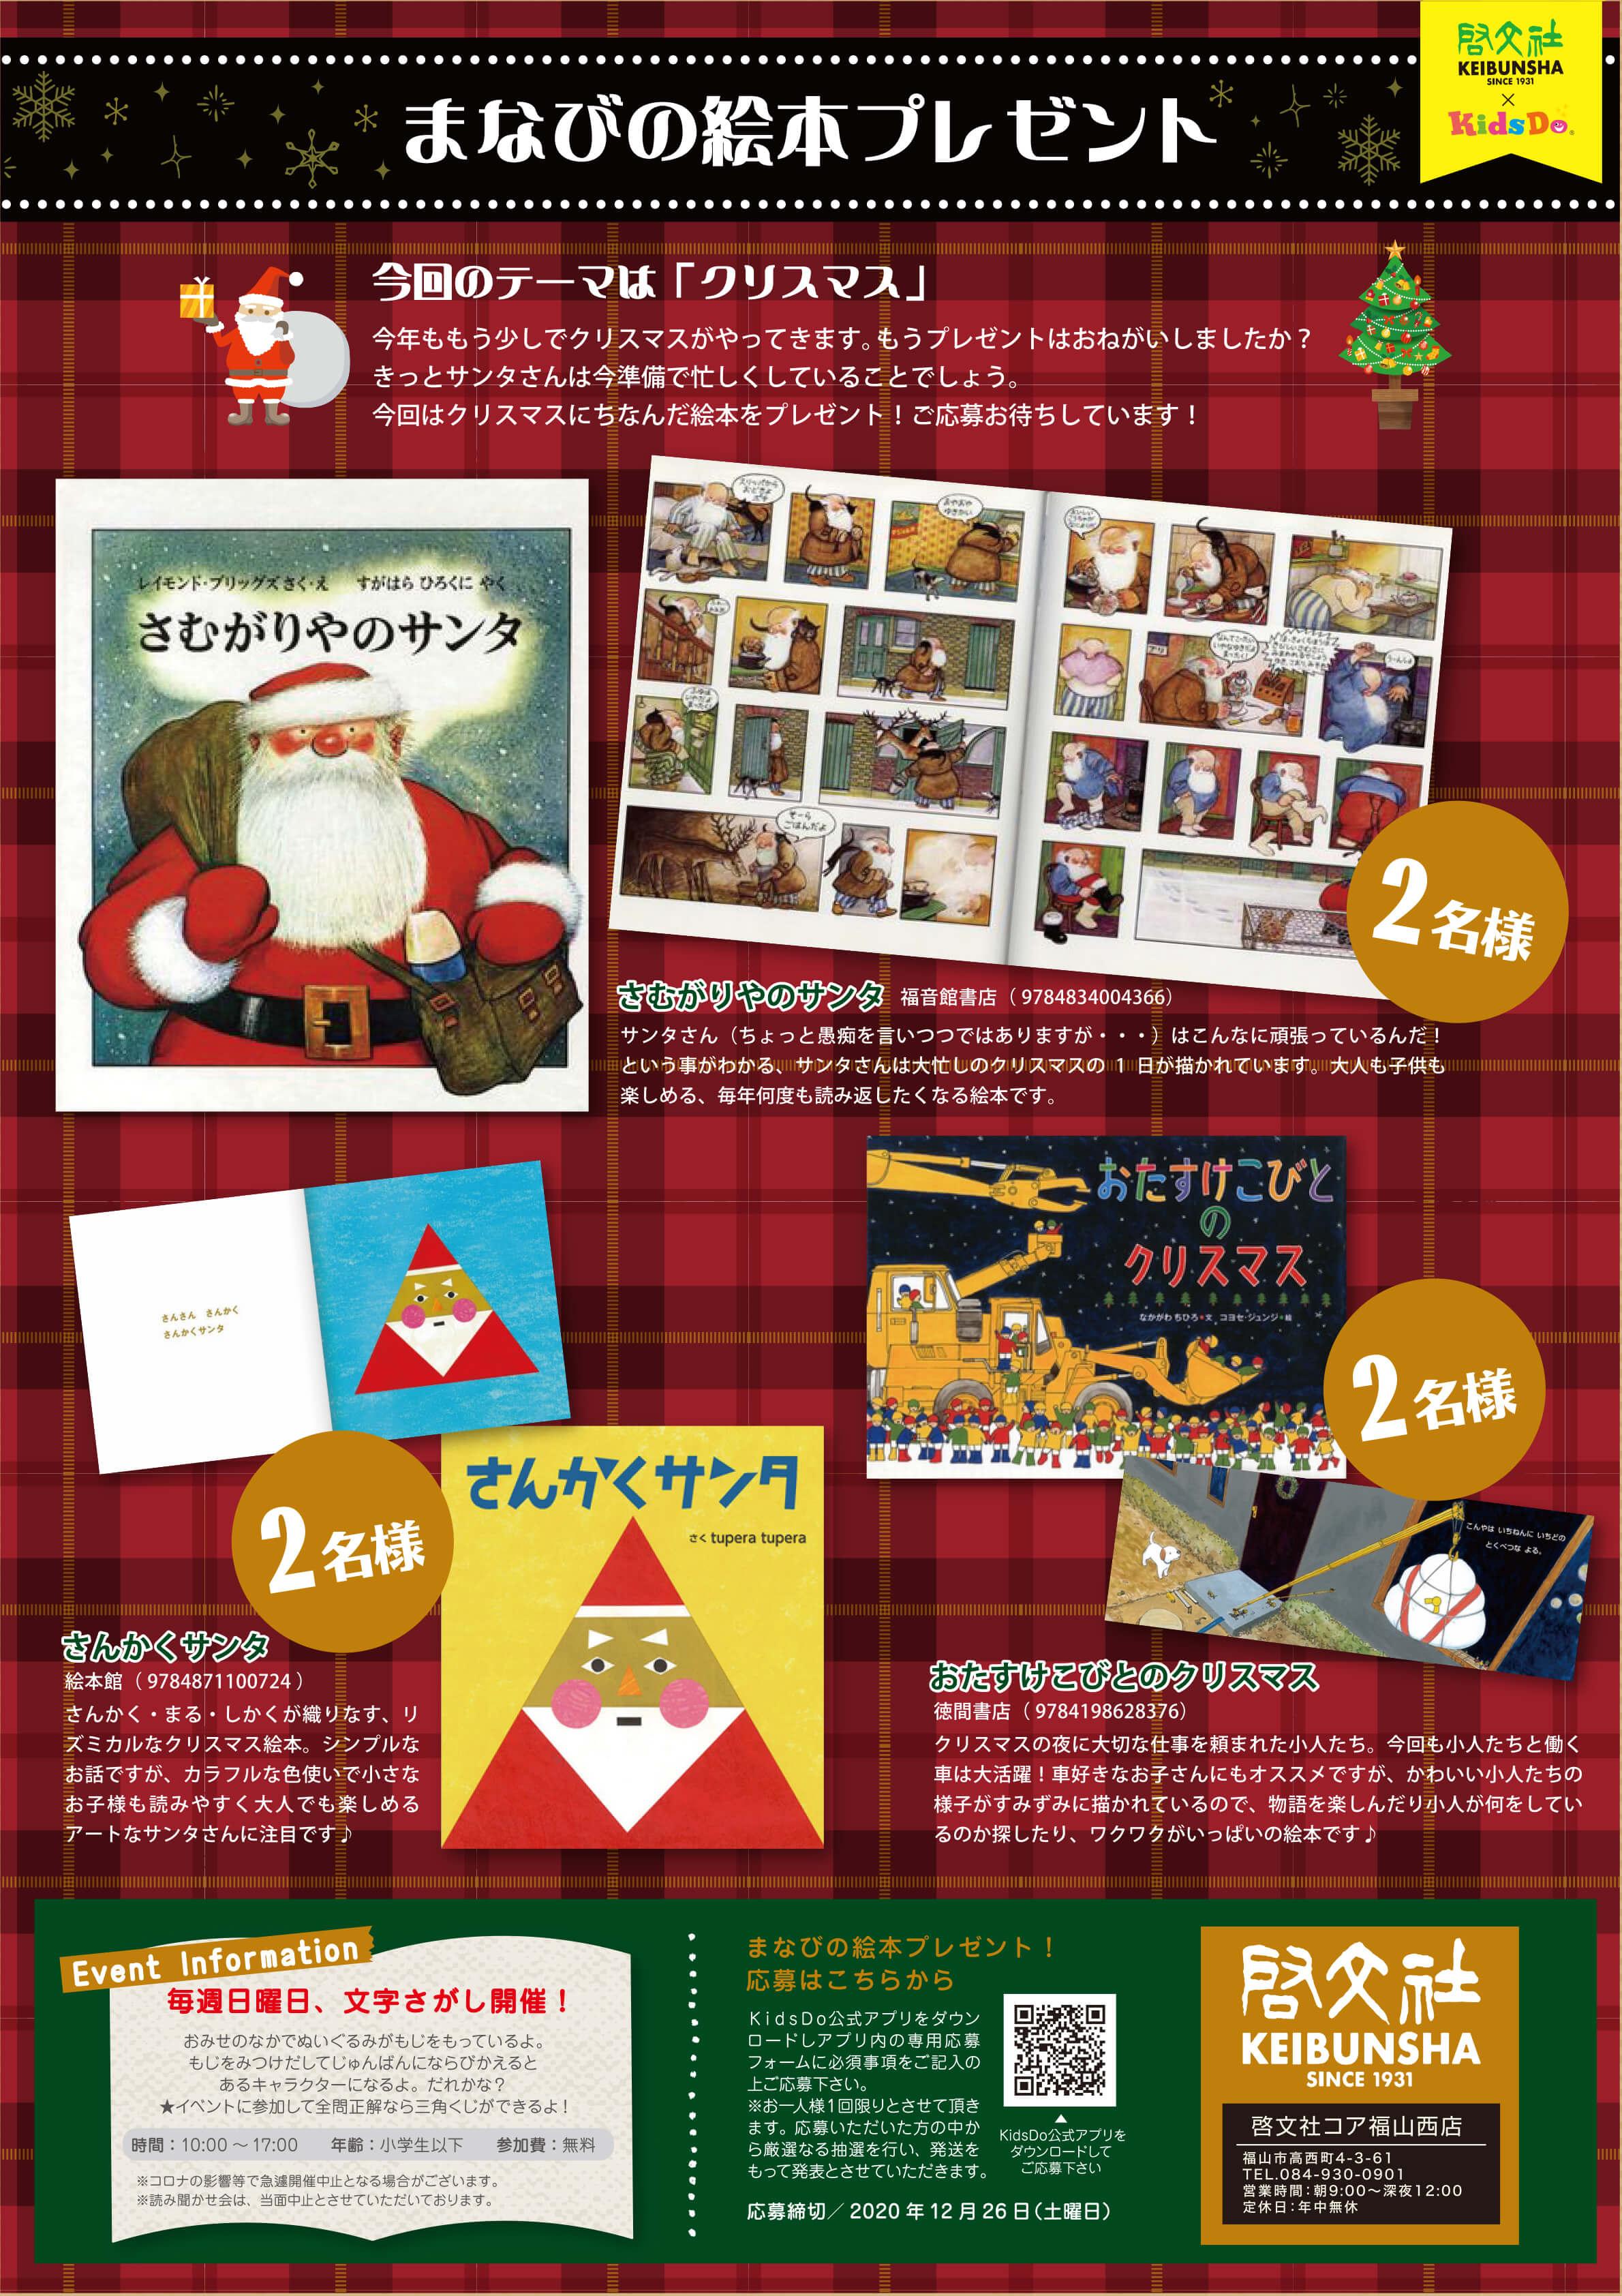 まなびの絵本プレゼント〜今回のテーマは「クリスマス」〜今年ももう少しでクリスマスがやってきます。もうプレゼントはおねがいしましたか?きっとサンタさんは今準備で忙しくしていることでしょう。今回はクリスマスにちなんだ絵本をプレゼント!ご応募お待ちしています。?